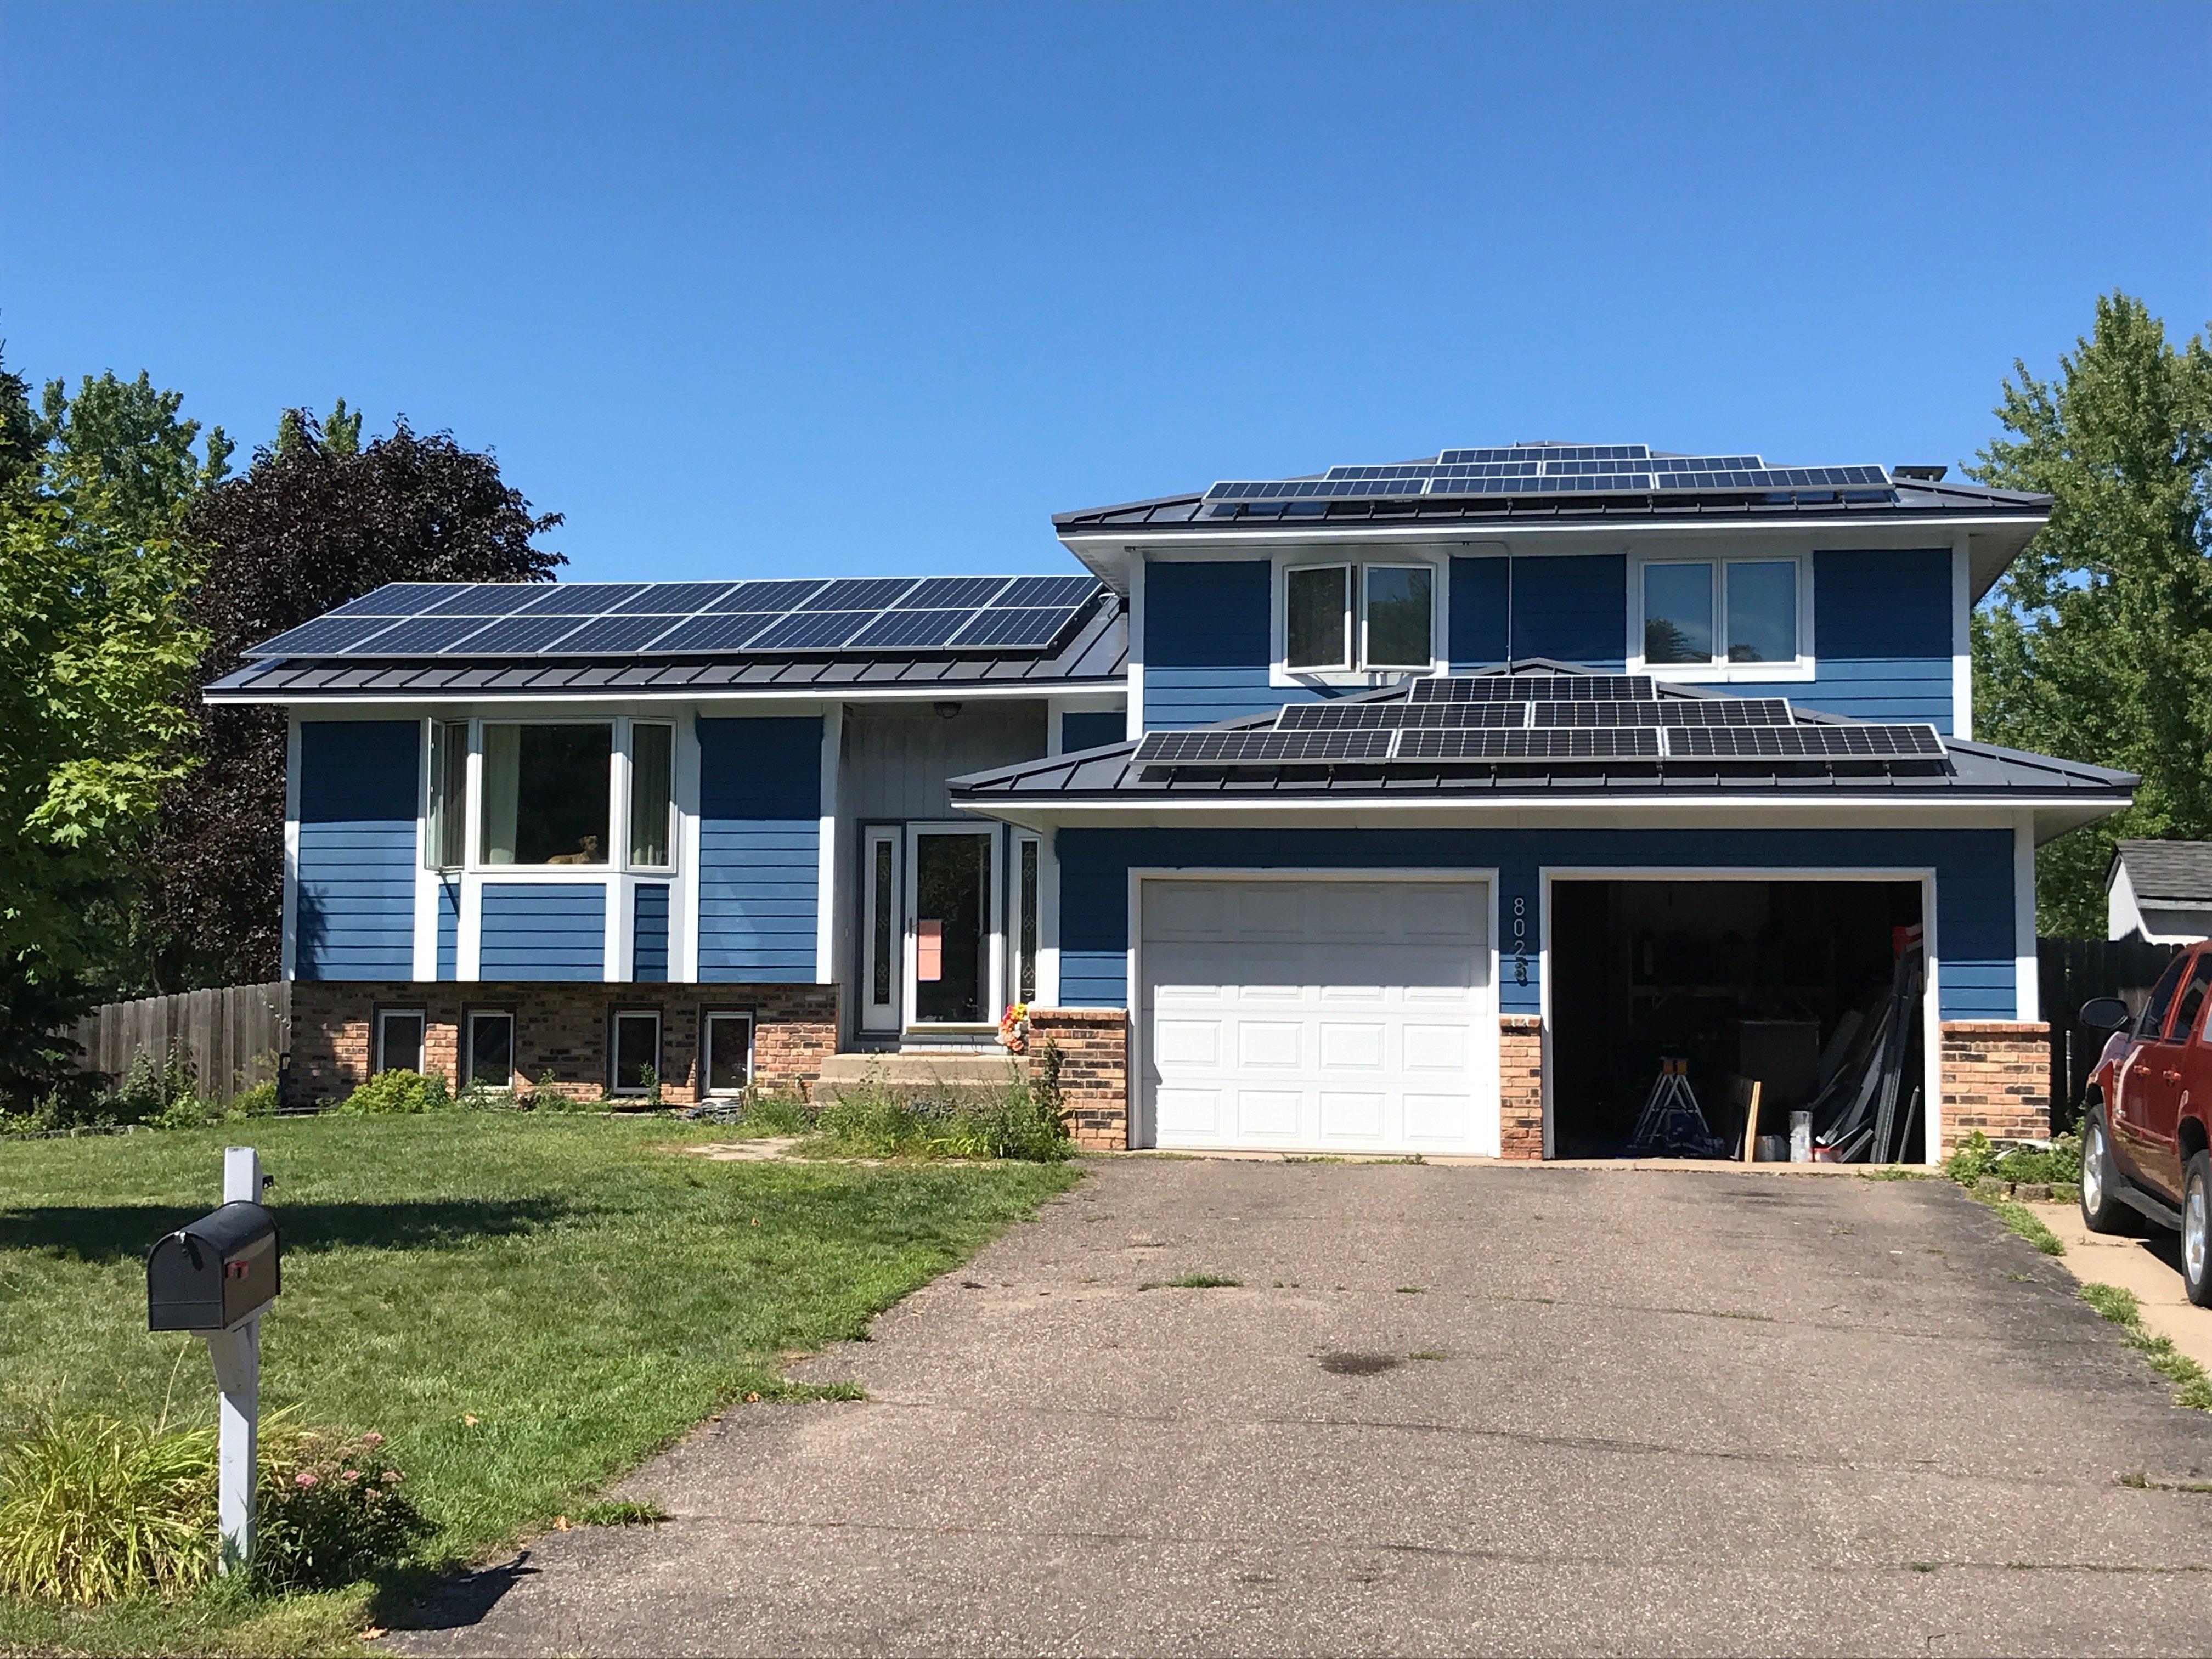 Minnesota residential solar power installation